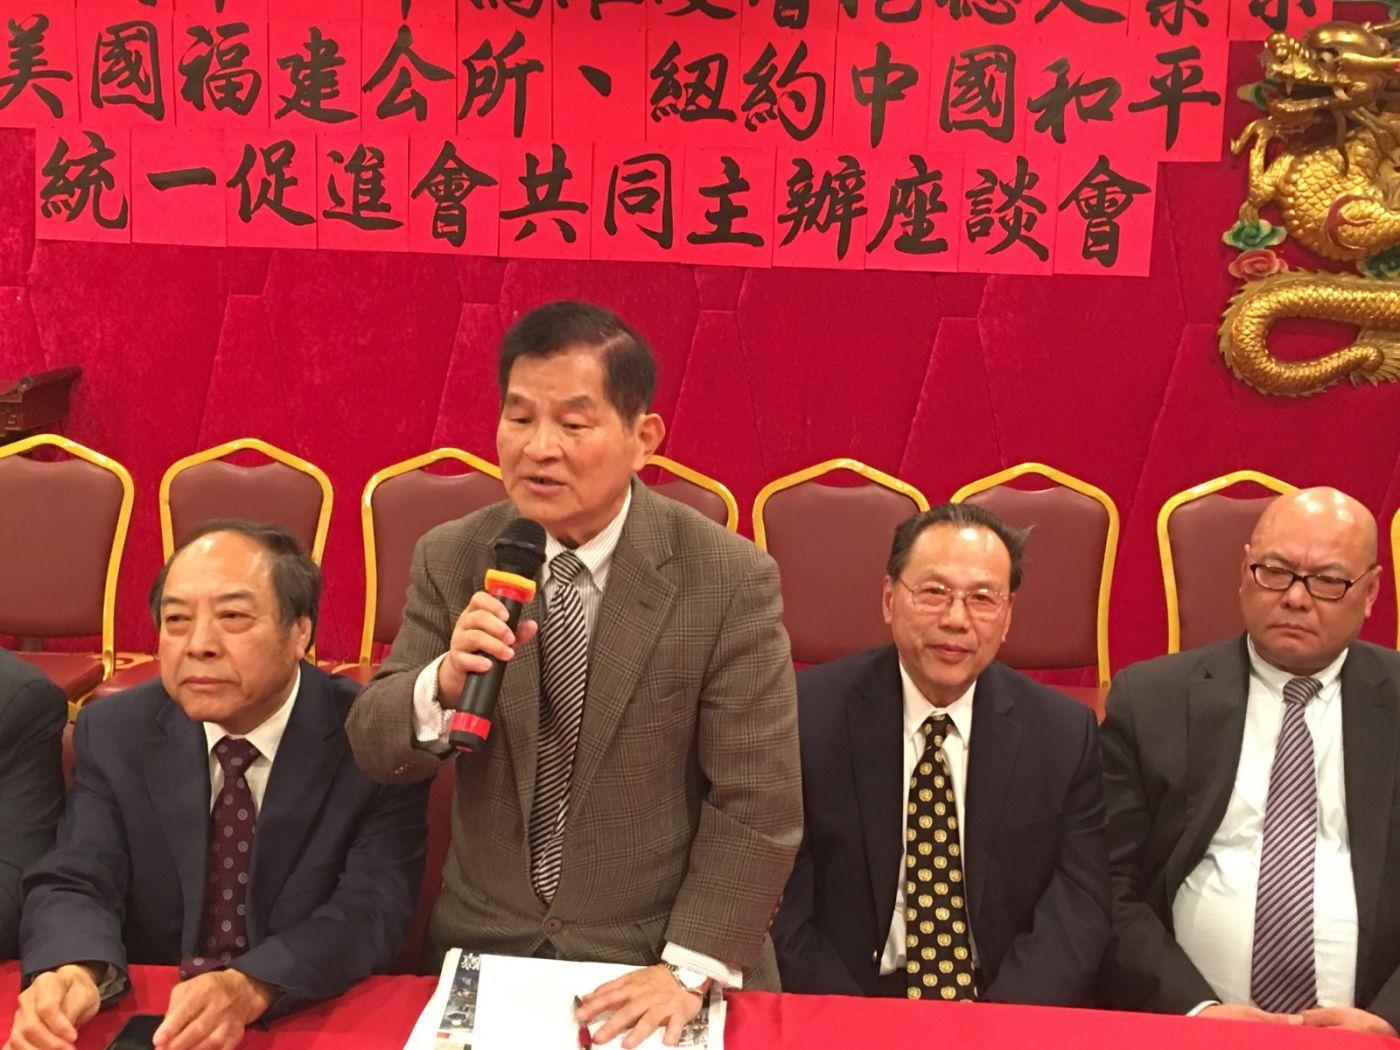 紐約華人華僑維護香港穩定繁榮座談會在紐約舉行_图1-7